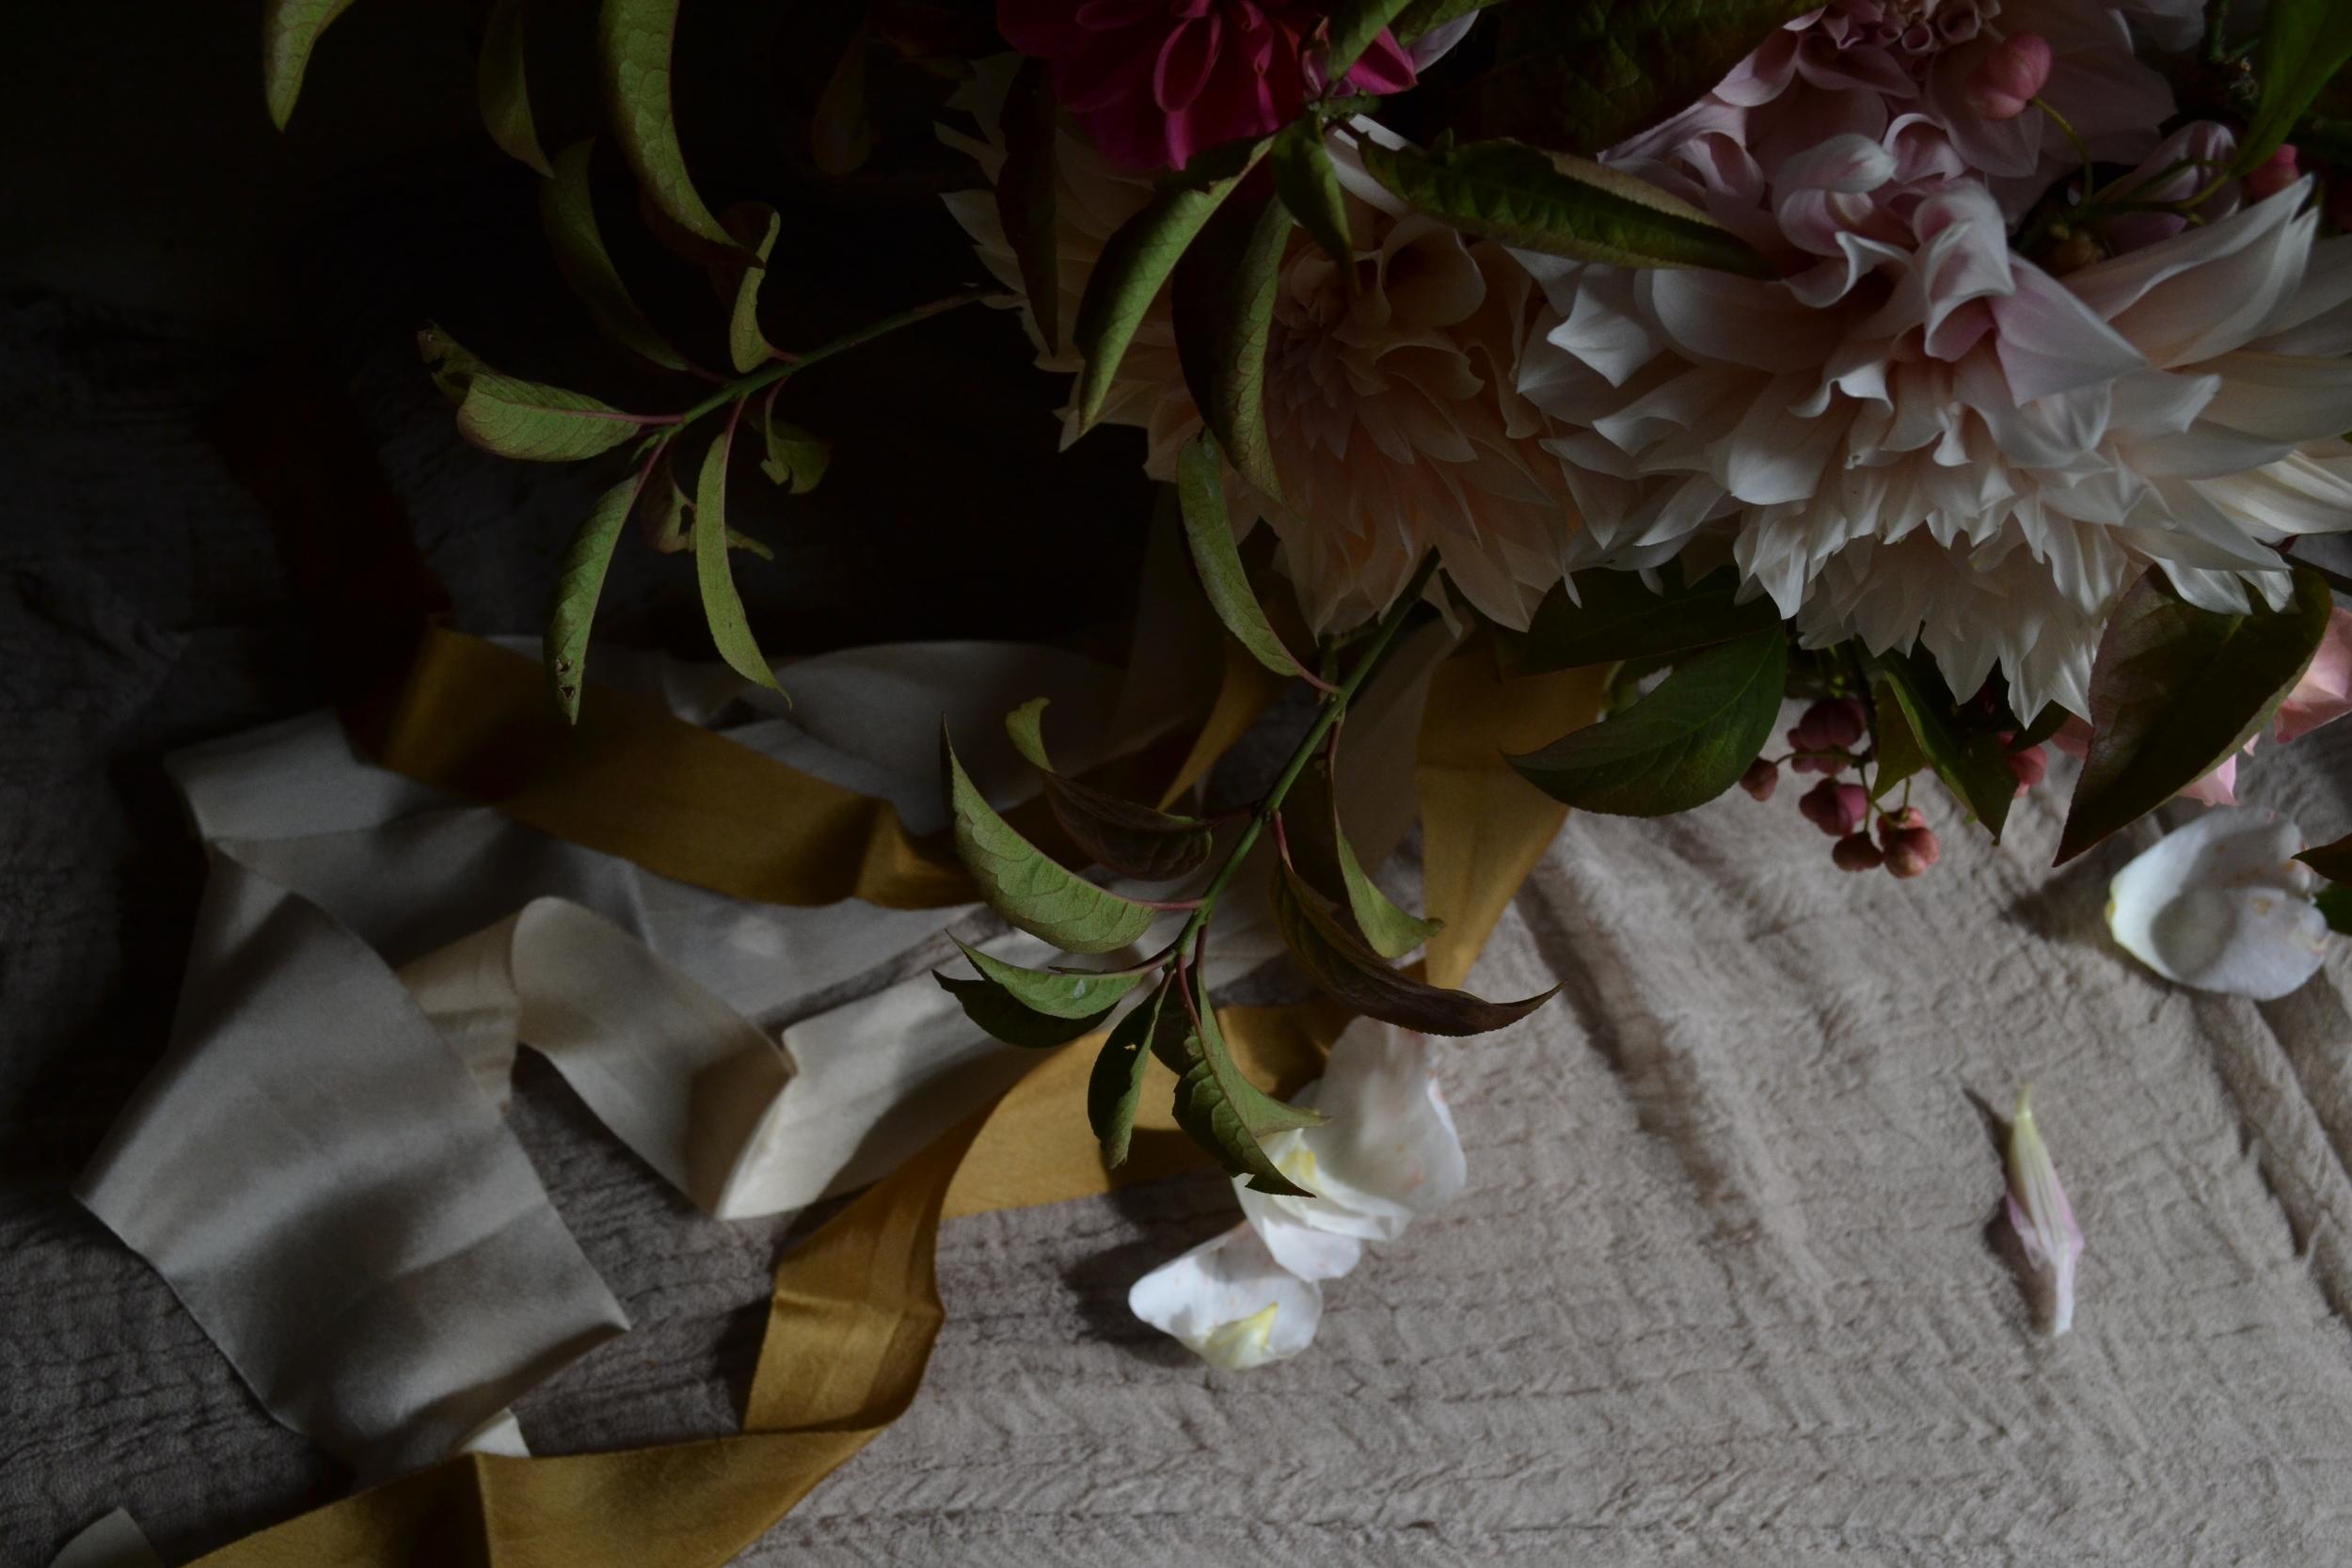 140918 - GG - Dutch styling and Gabrielles bouquet 113.JPG